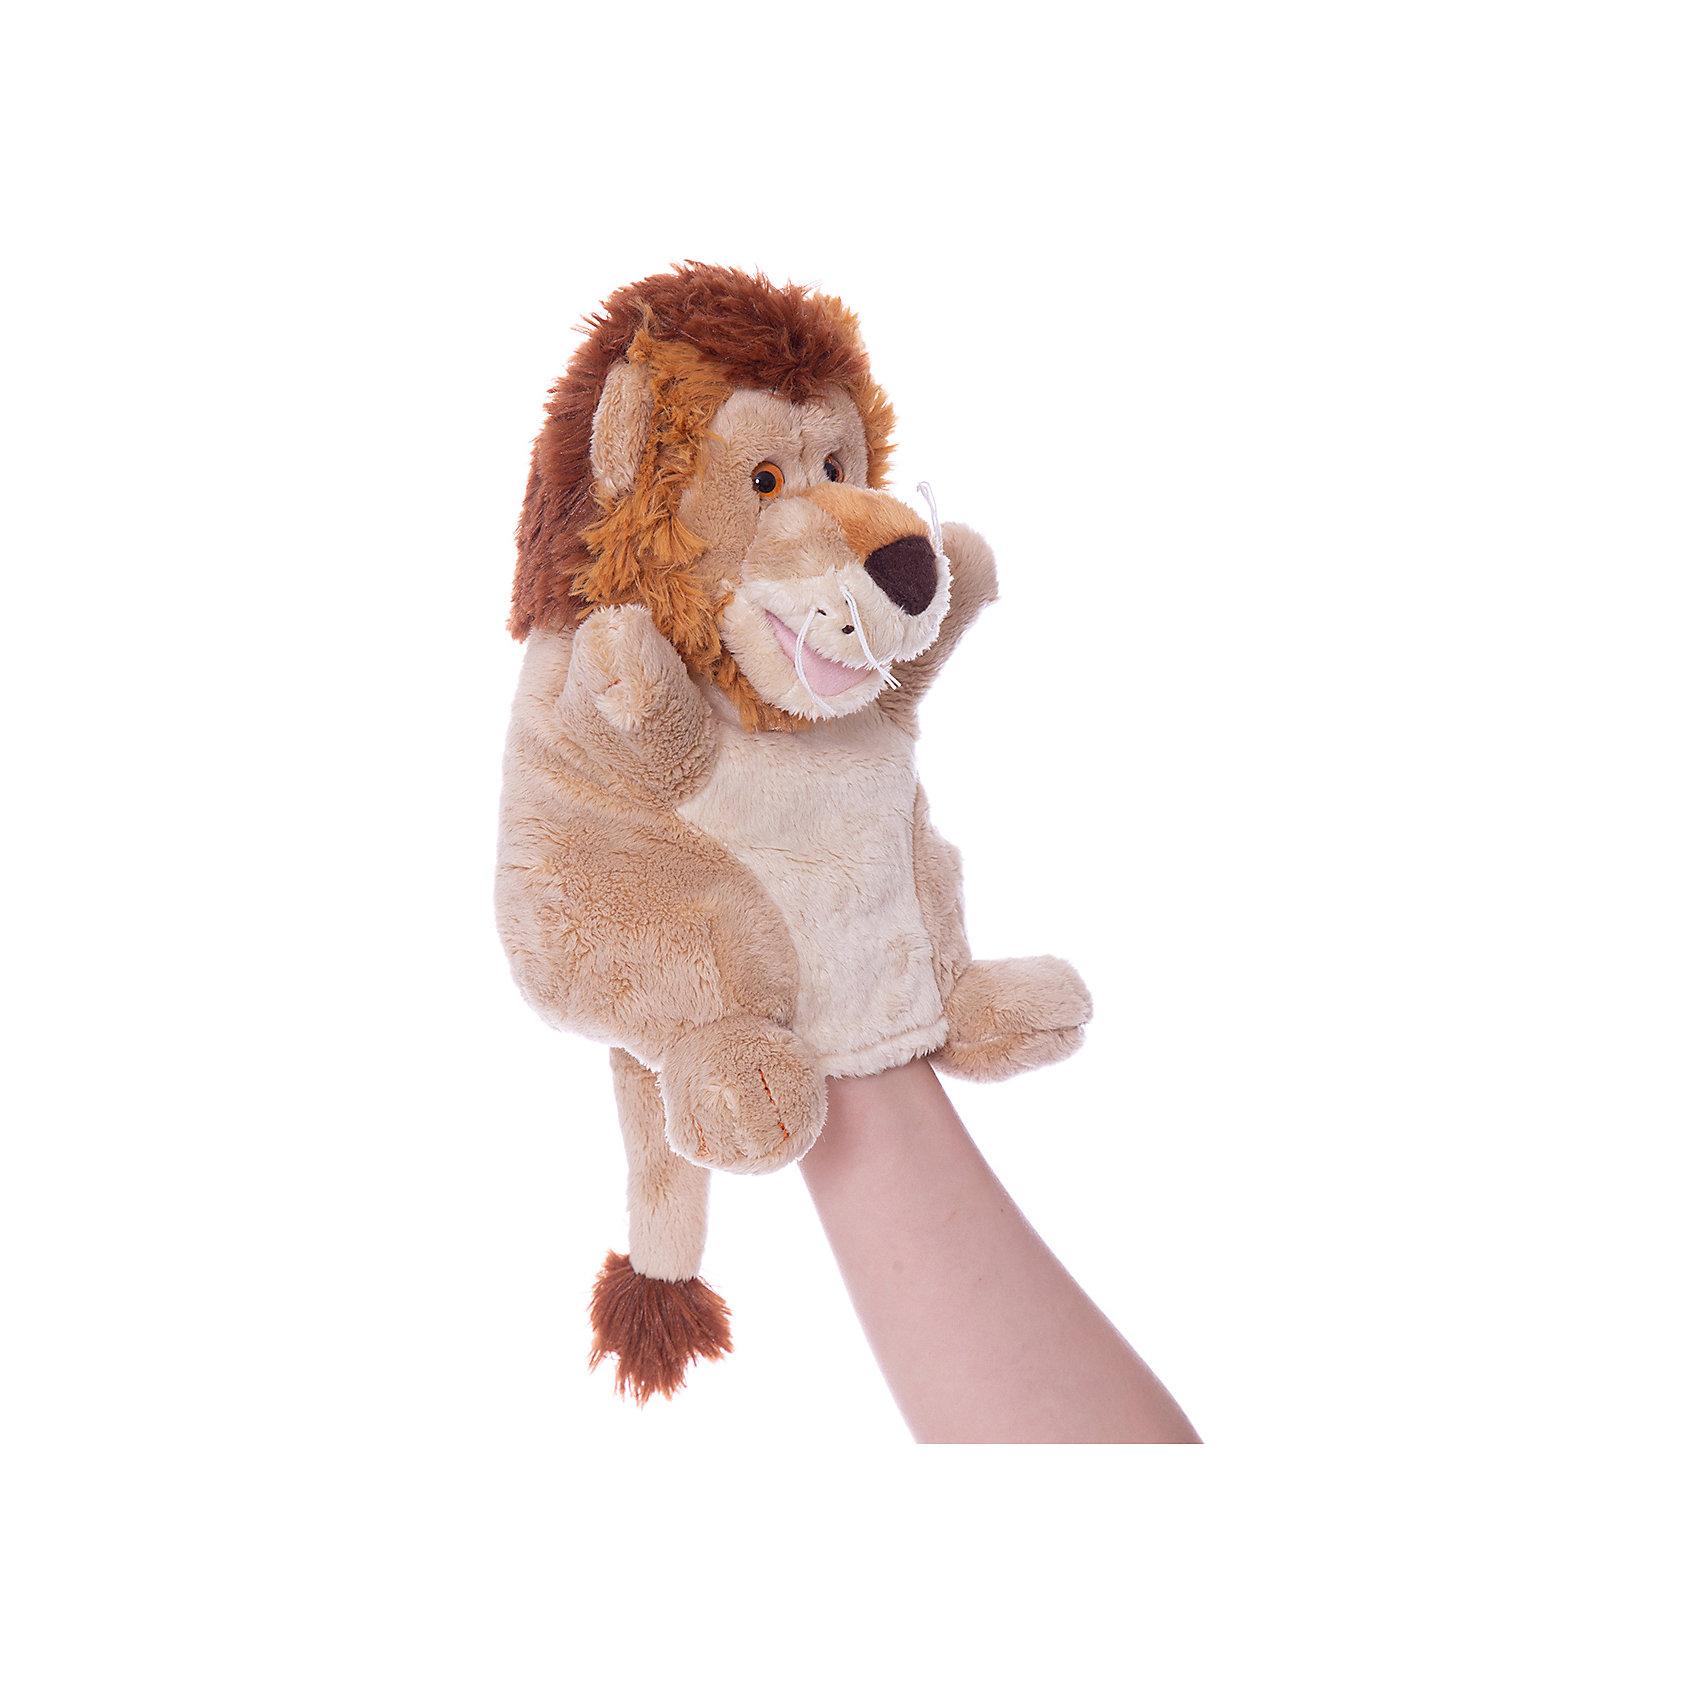 Мягкая игрушка на руку Лев, 25 см, TrudiМягкие игрушки на руку<br>Очаровательный Лев приведет в восторг любого ребенка. Игрушка надевается на руку: вы сможете разыграть с детьми маленький спектакль, а уже подросшие ребята смогут играть с забавным львенком самостоятельно.<br>Игрушка изготовлена из высококачественных экологичных материалов абсолютно безопасных для детей. Благодаря тщательной проработке всех деталей Лев выглядит очень реалистично, что, несомненно, порадует ребенка. Прекрасный подарок на любой праздник! <br><br>Дополнительная информация:<br><br>- Материал: плюш, пластик, текстиль, искусственный мех. <br>- Высота: 25 см. <br>- Допускается машинная стирка при деликатной режиме (30 ?).<br><br>Мягкую игрушку на руку, Льва, 25 см, Trudi (Труди), можно купить в нашем магазине.<br><br>Ширина мм: 130<br>Глубина мм: 190<br>Высота мм: 250<br>Вес г: 120<br>Возраст от месяцев: 12<br>Возраст до месяцев: 2147483647<br>Пол: Унисекс<br>Возраст: Детский<br>SKU: 5055270